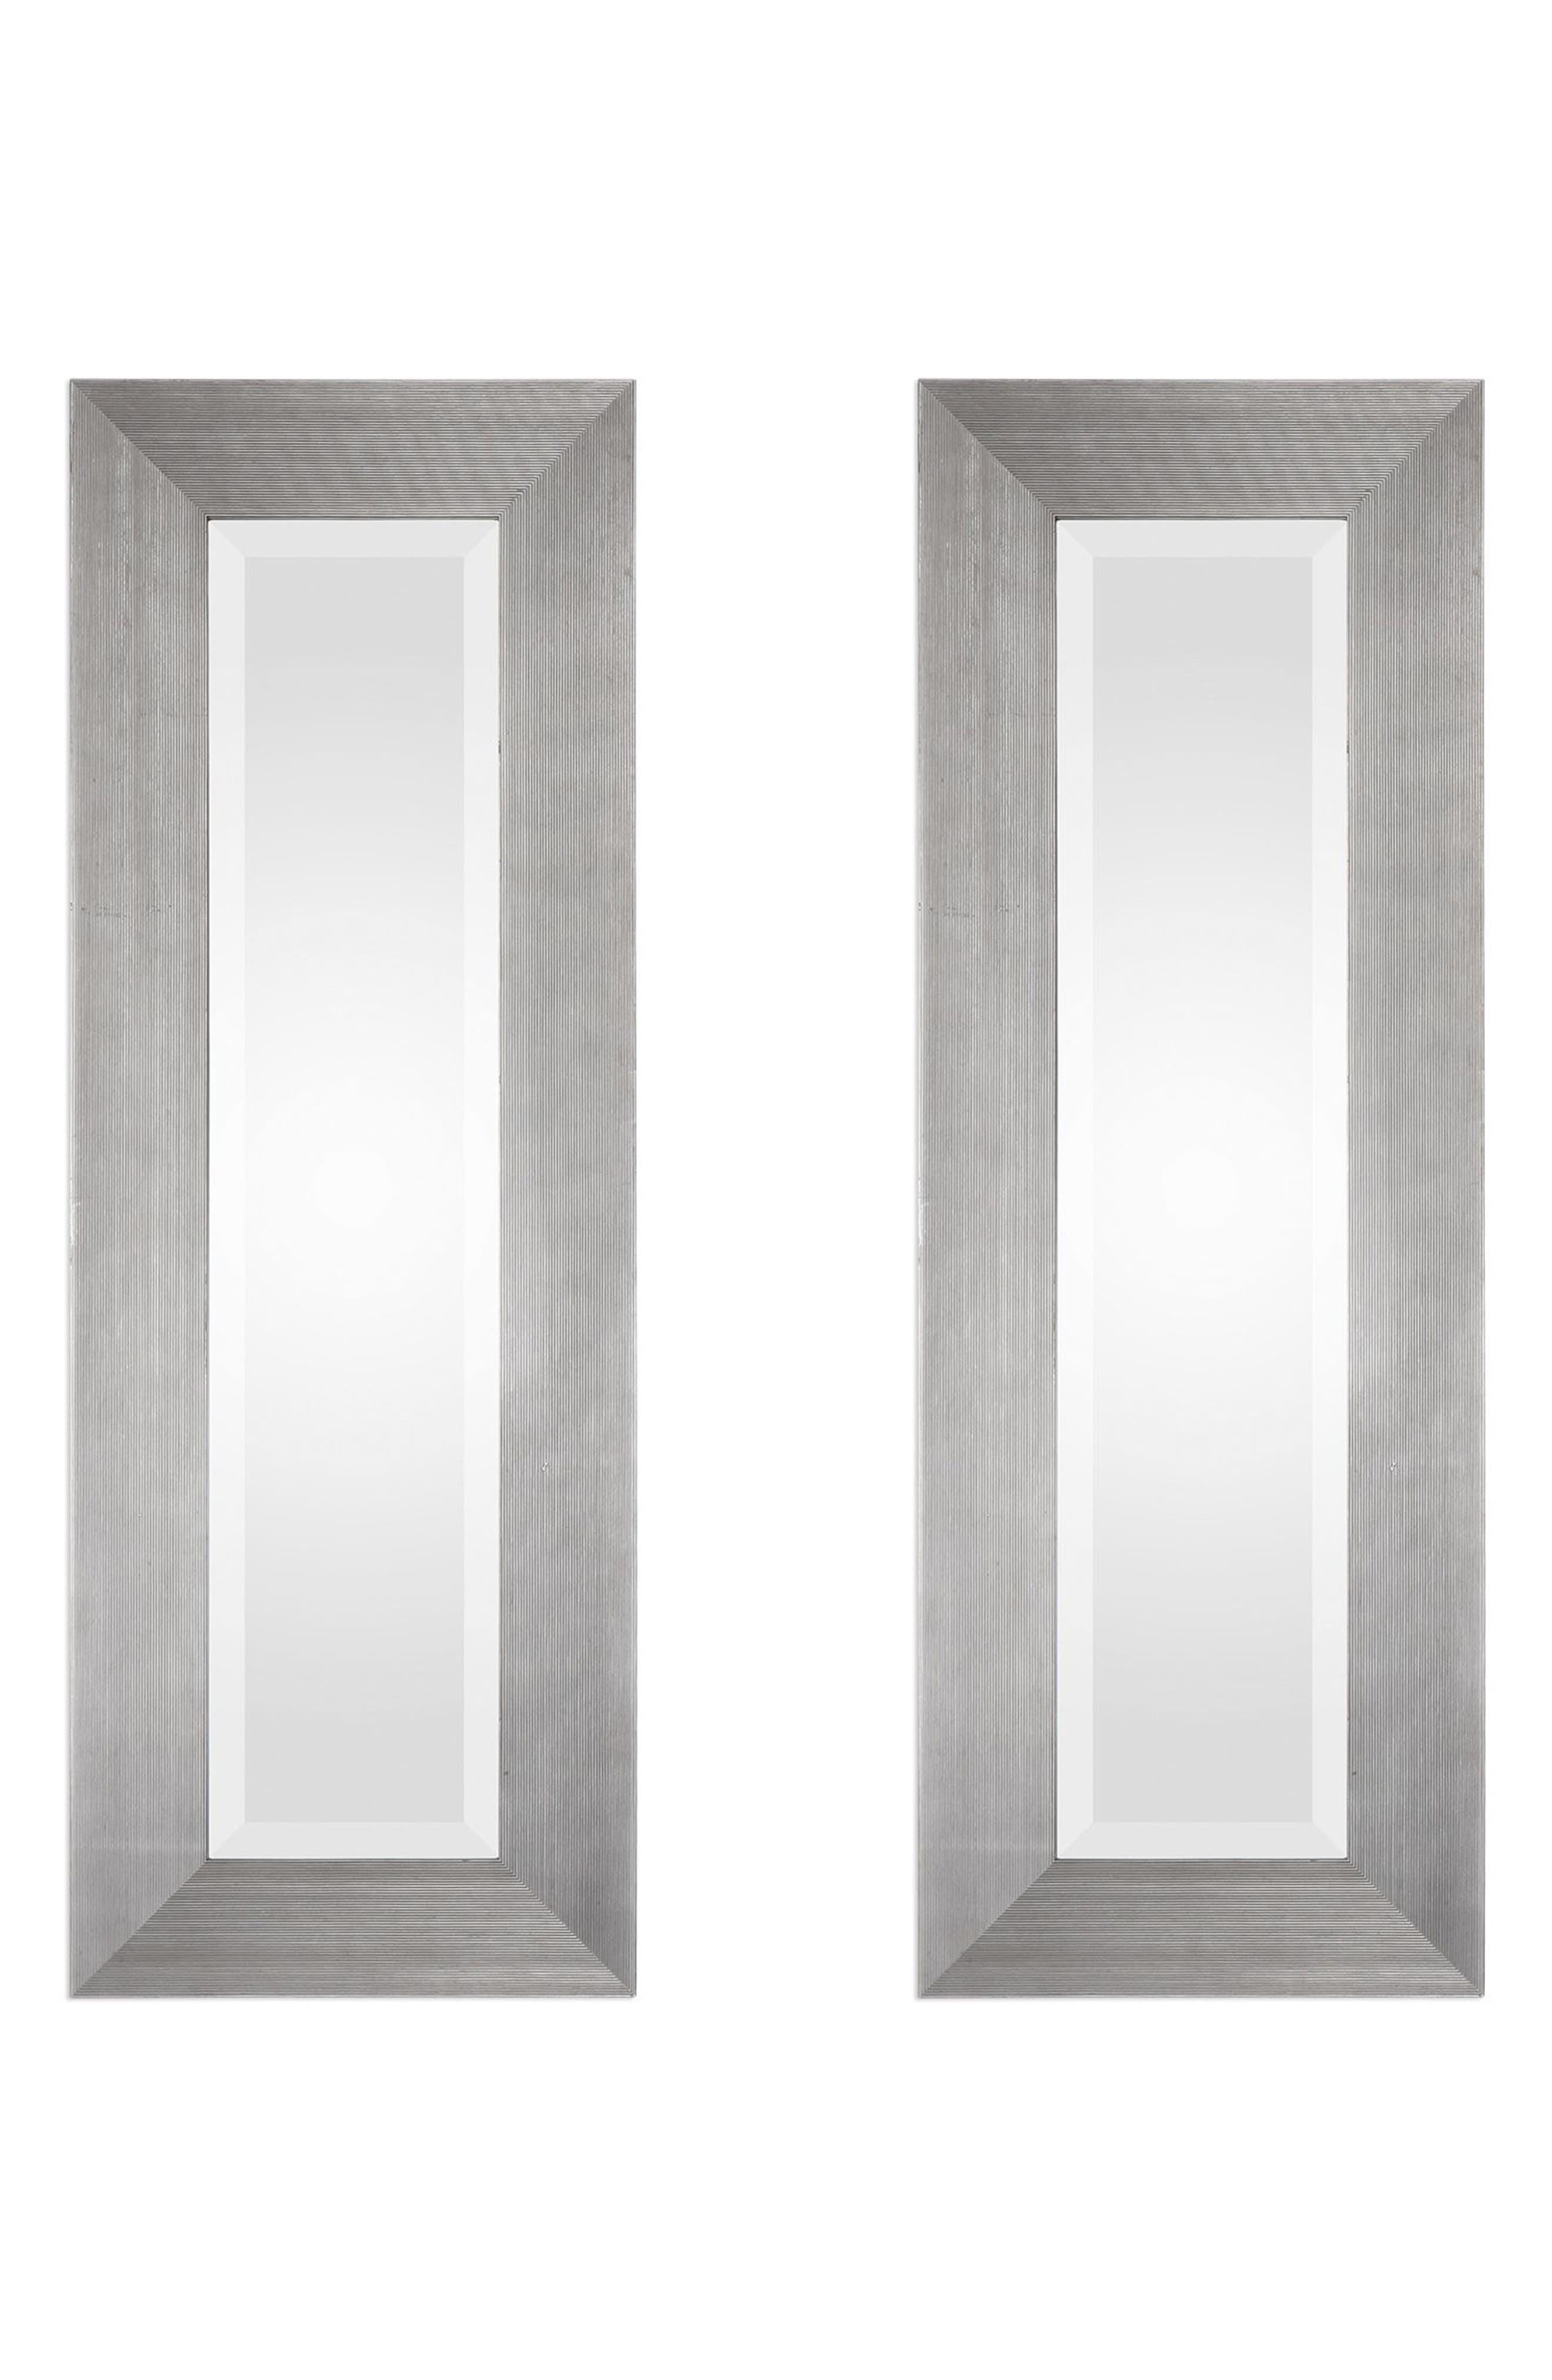 Uttermost Maldon Set of 2 Wall Mirrors